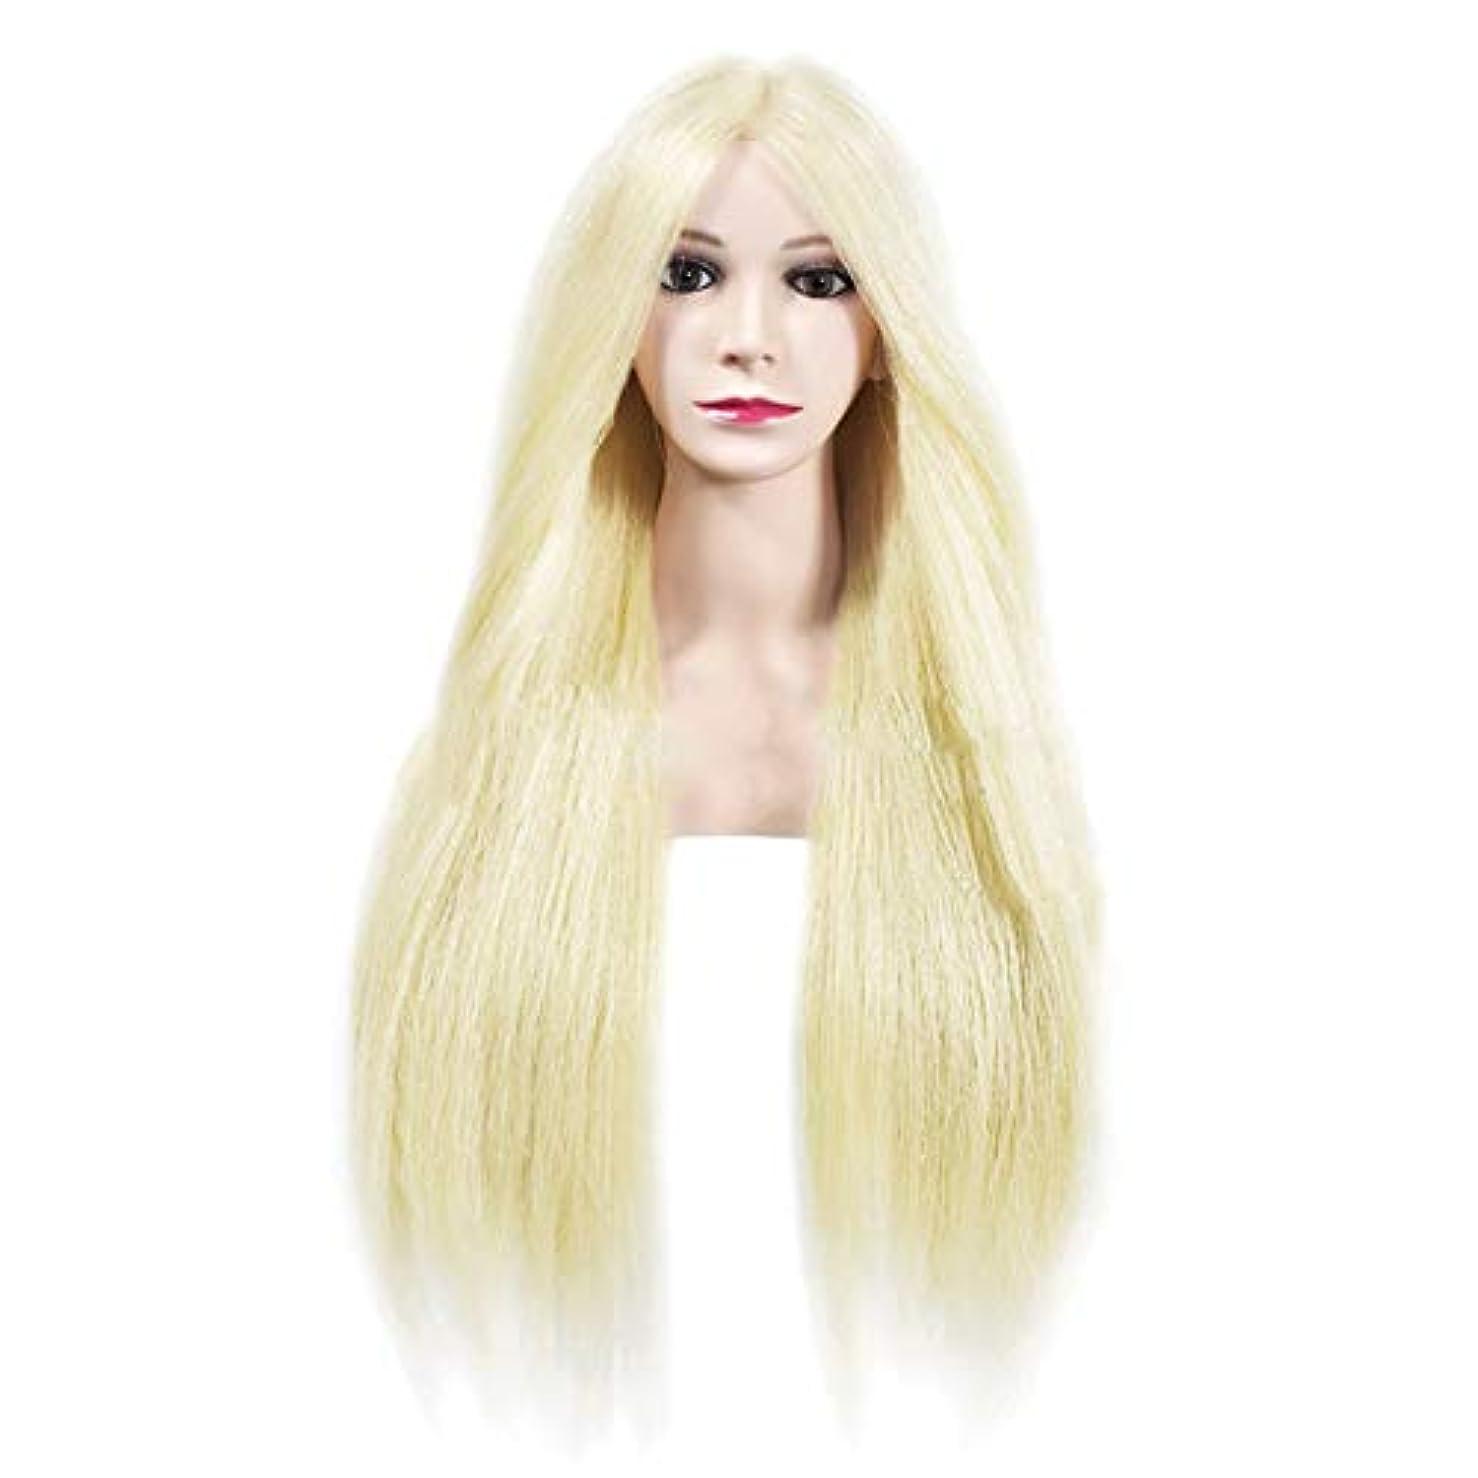 満足させるリーフレットする専門の練習ホット染色漂白はさみモデリングマネキン髪編組髪かつら女性モデルティーチングヘッド